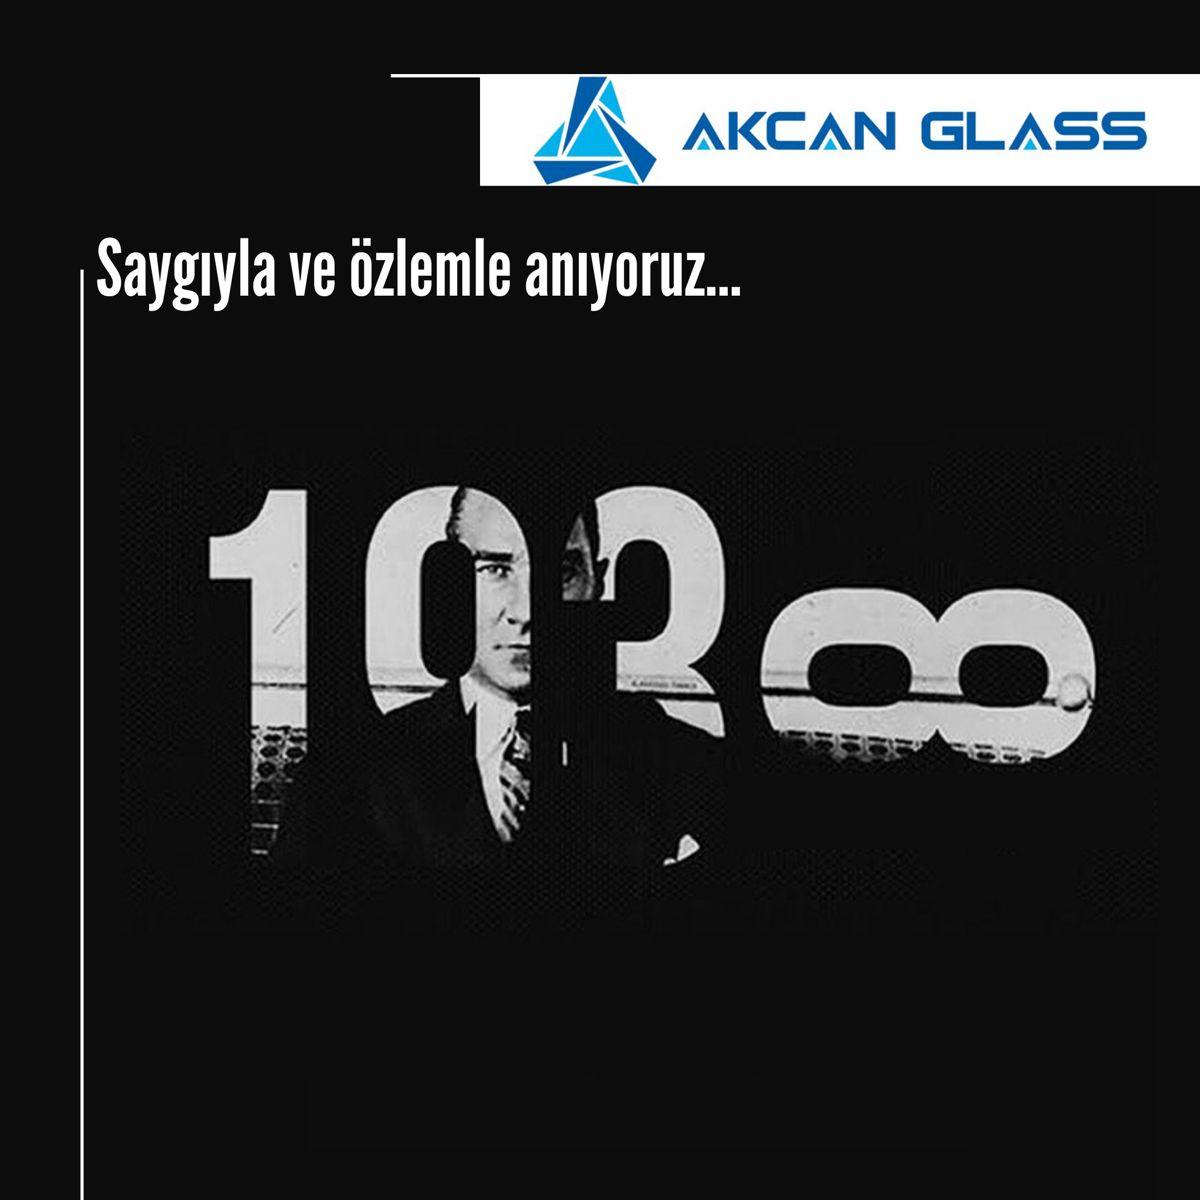 Gazi Mustafa Kemal Atatürk'ü aramızdan ayrılışının 82. yıldönümünde saygıyla ve özlemle anıyoruz.. . . . #10kasım #10kasım1938 #atamizindeyiz #10kasımatatürküanmagünü